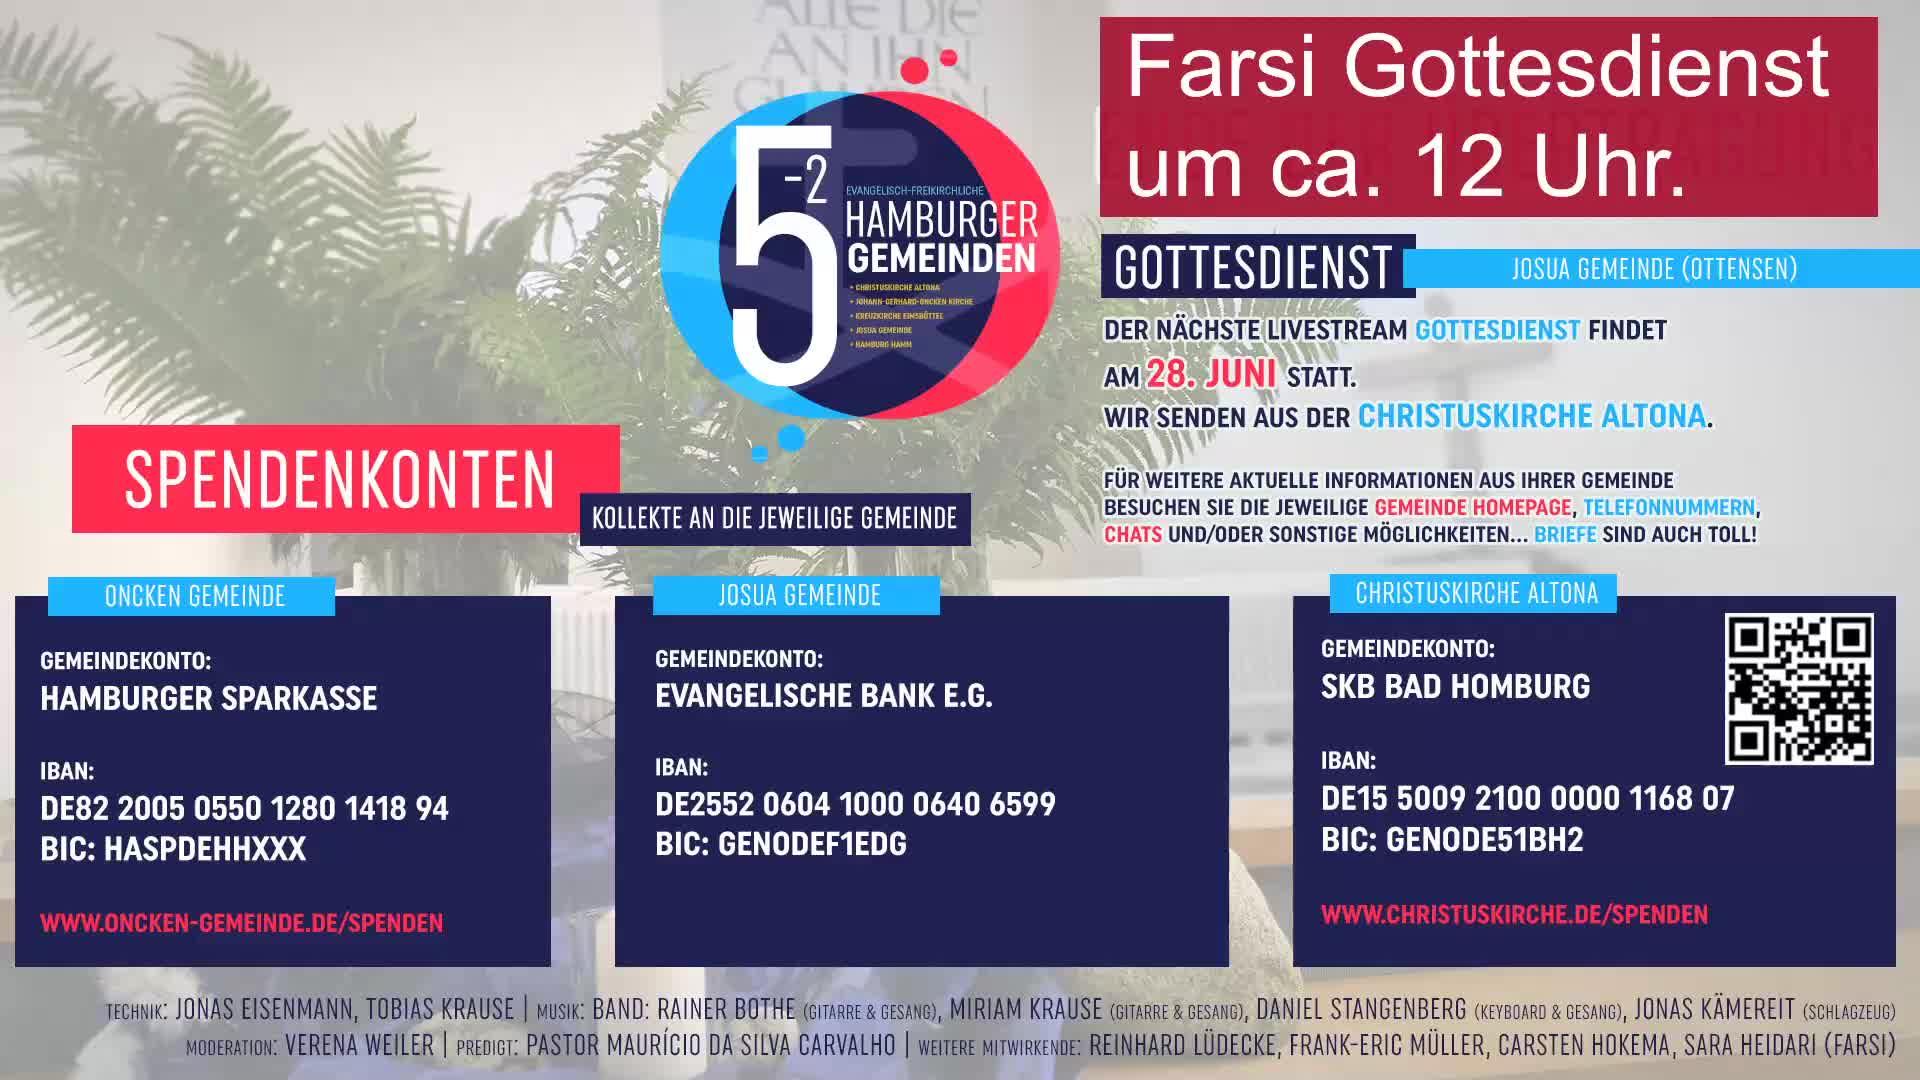 Farsi Gottesdienst (Aufzeichnung) der Innenstadtgemeinden (EFG) 21. Juni